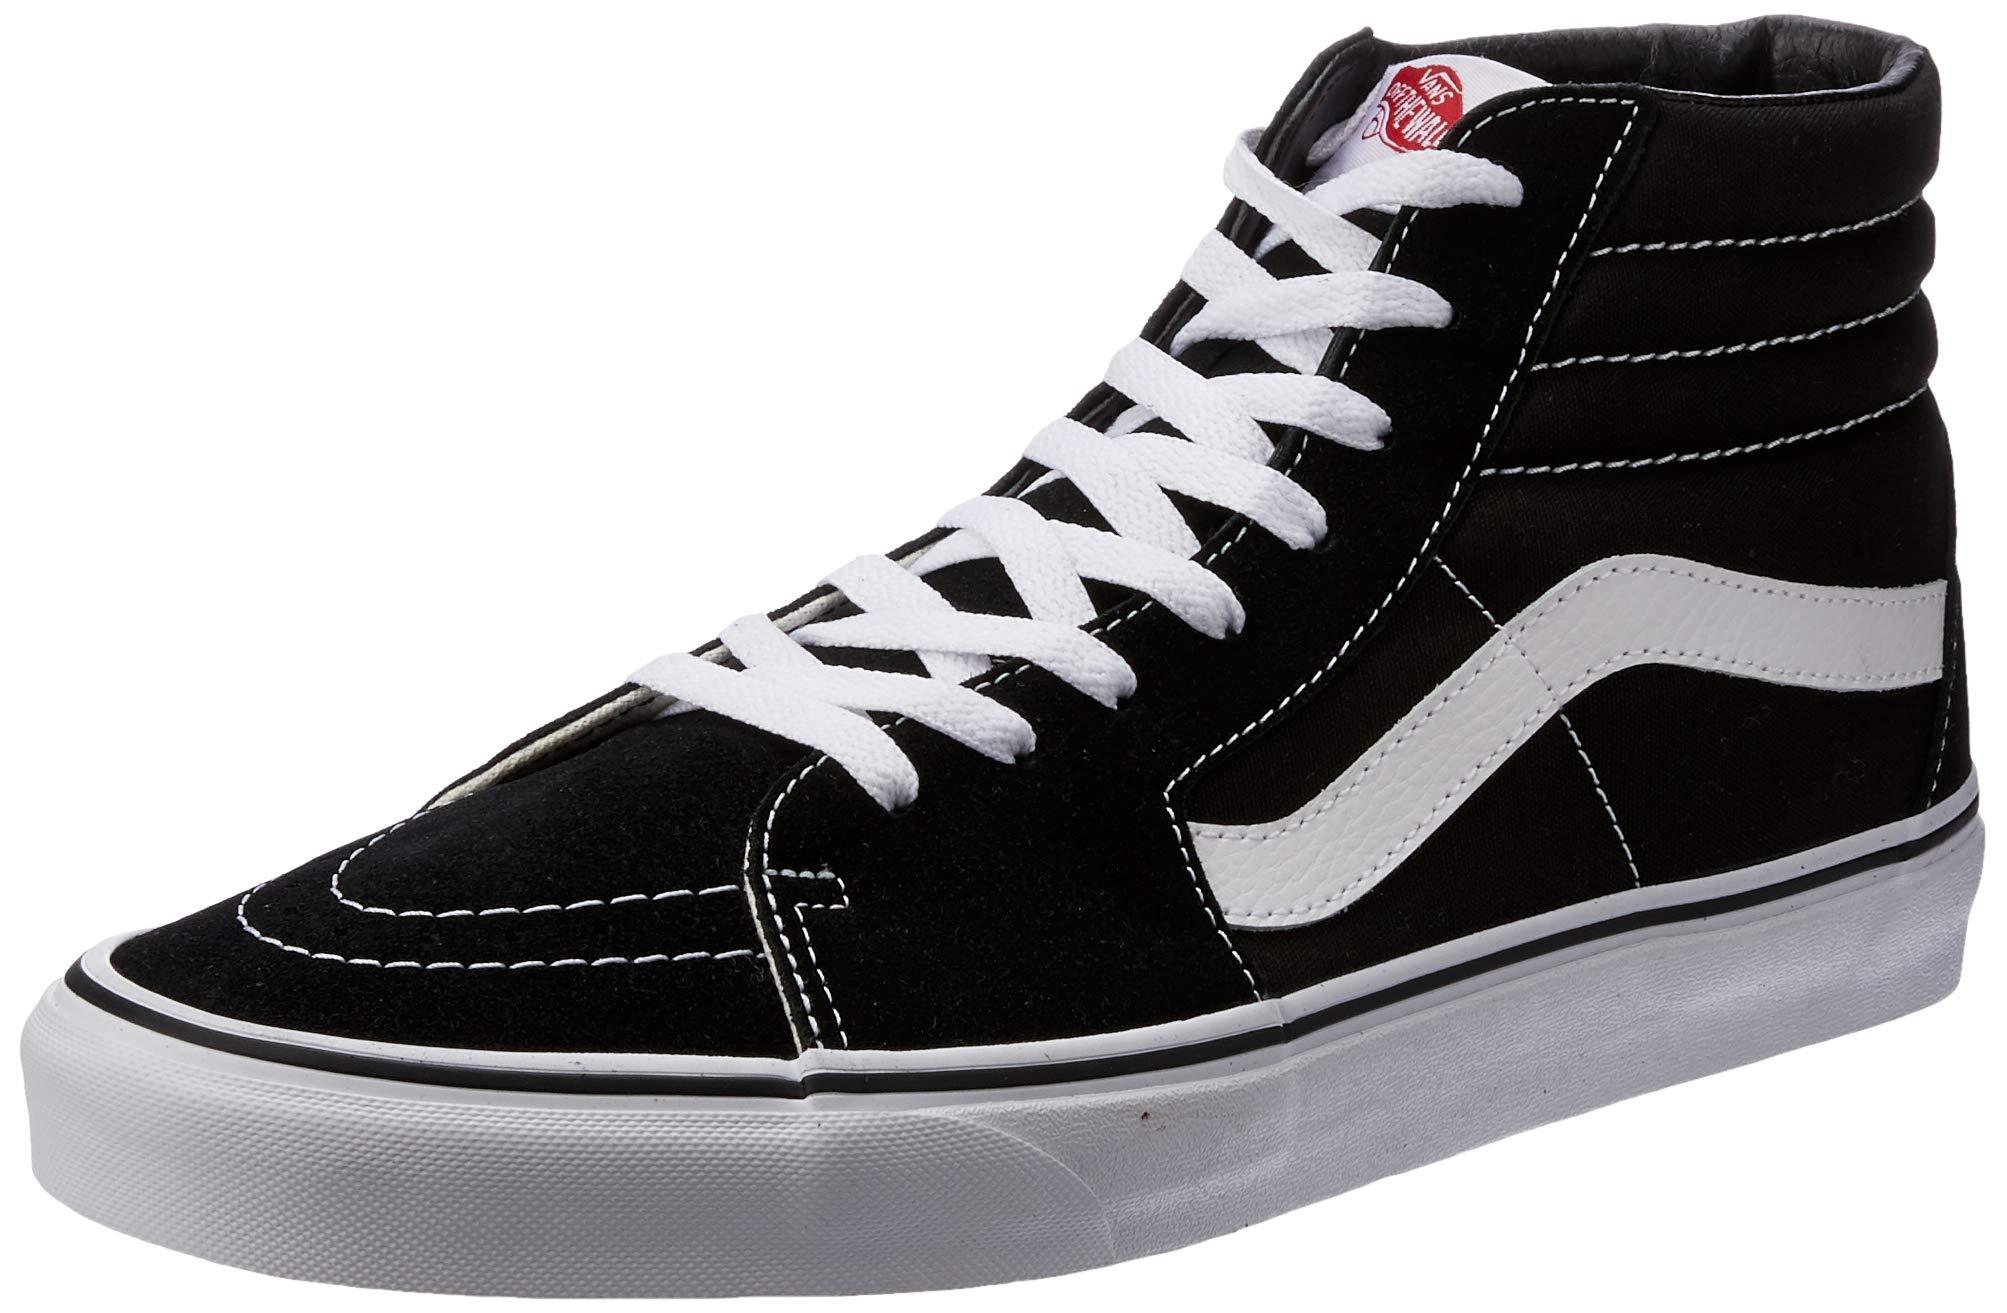 Vans Unisex Sk8 Hi BlackBlackWhite Skate Shoe 11 Men US